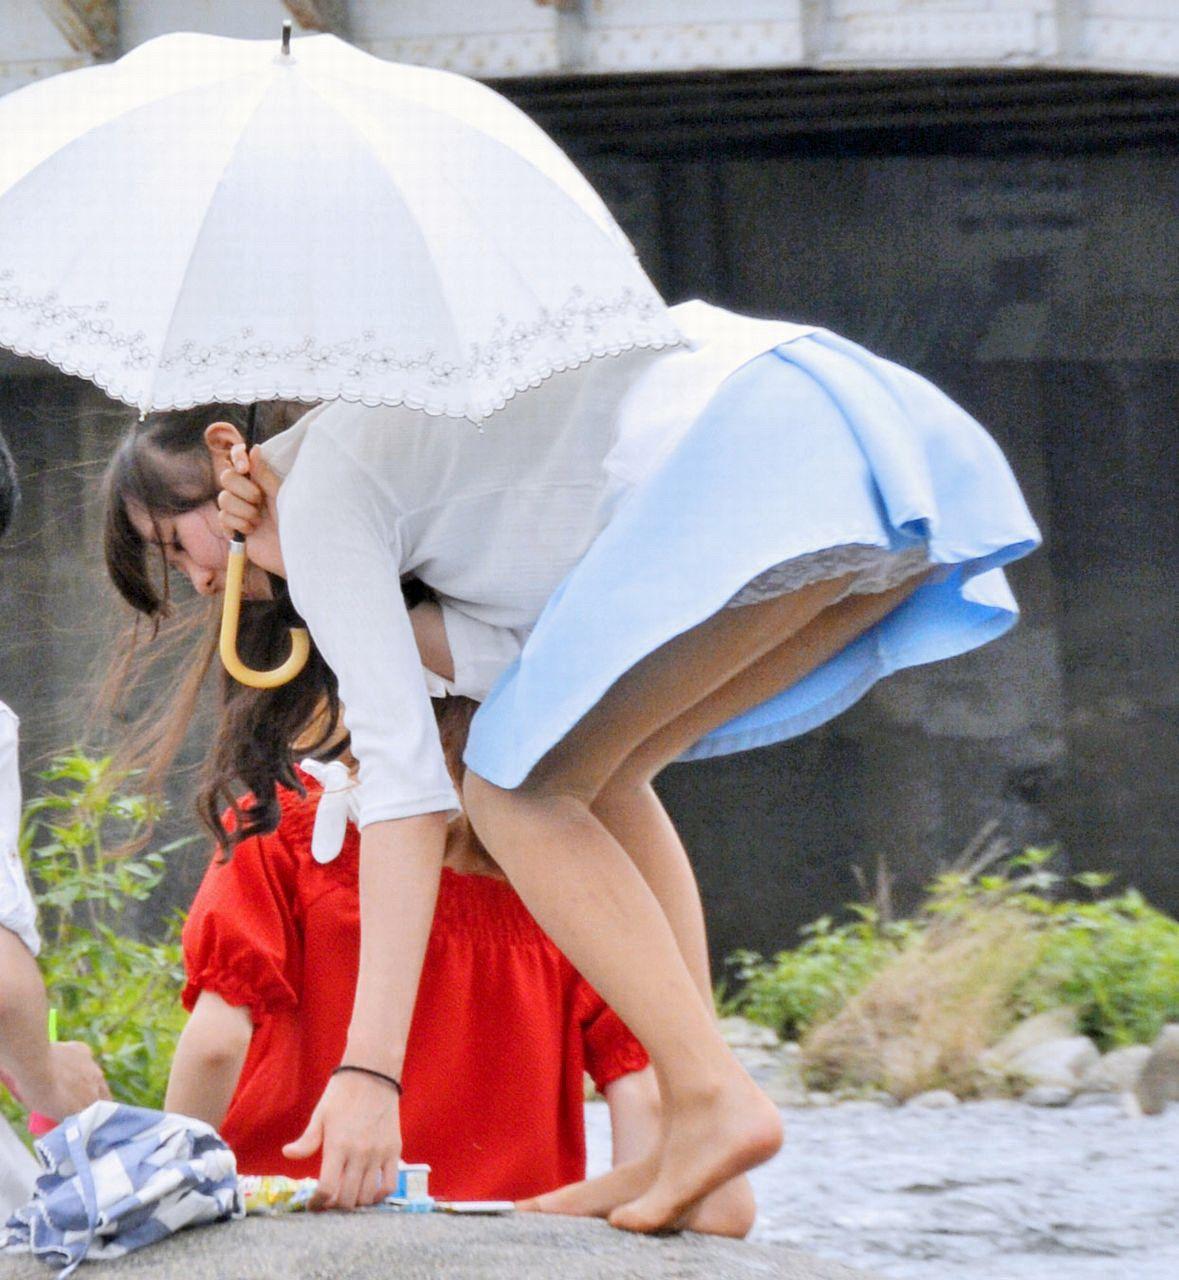 【パンチラ画像】偶然にも見えた!!子連れママさんのリアルなパンチラが尋常じゃなくそそるパンチラハプニング! その1